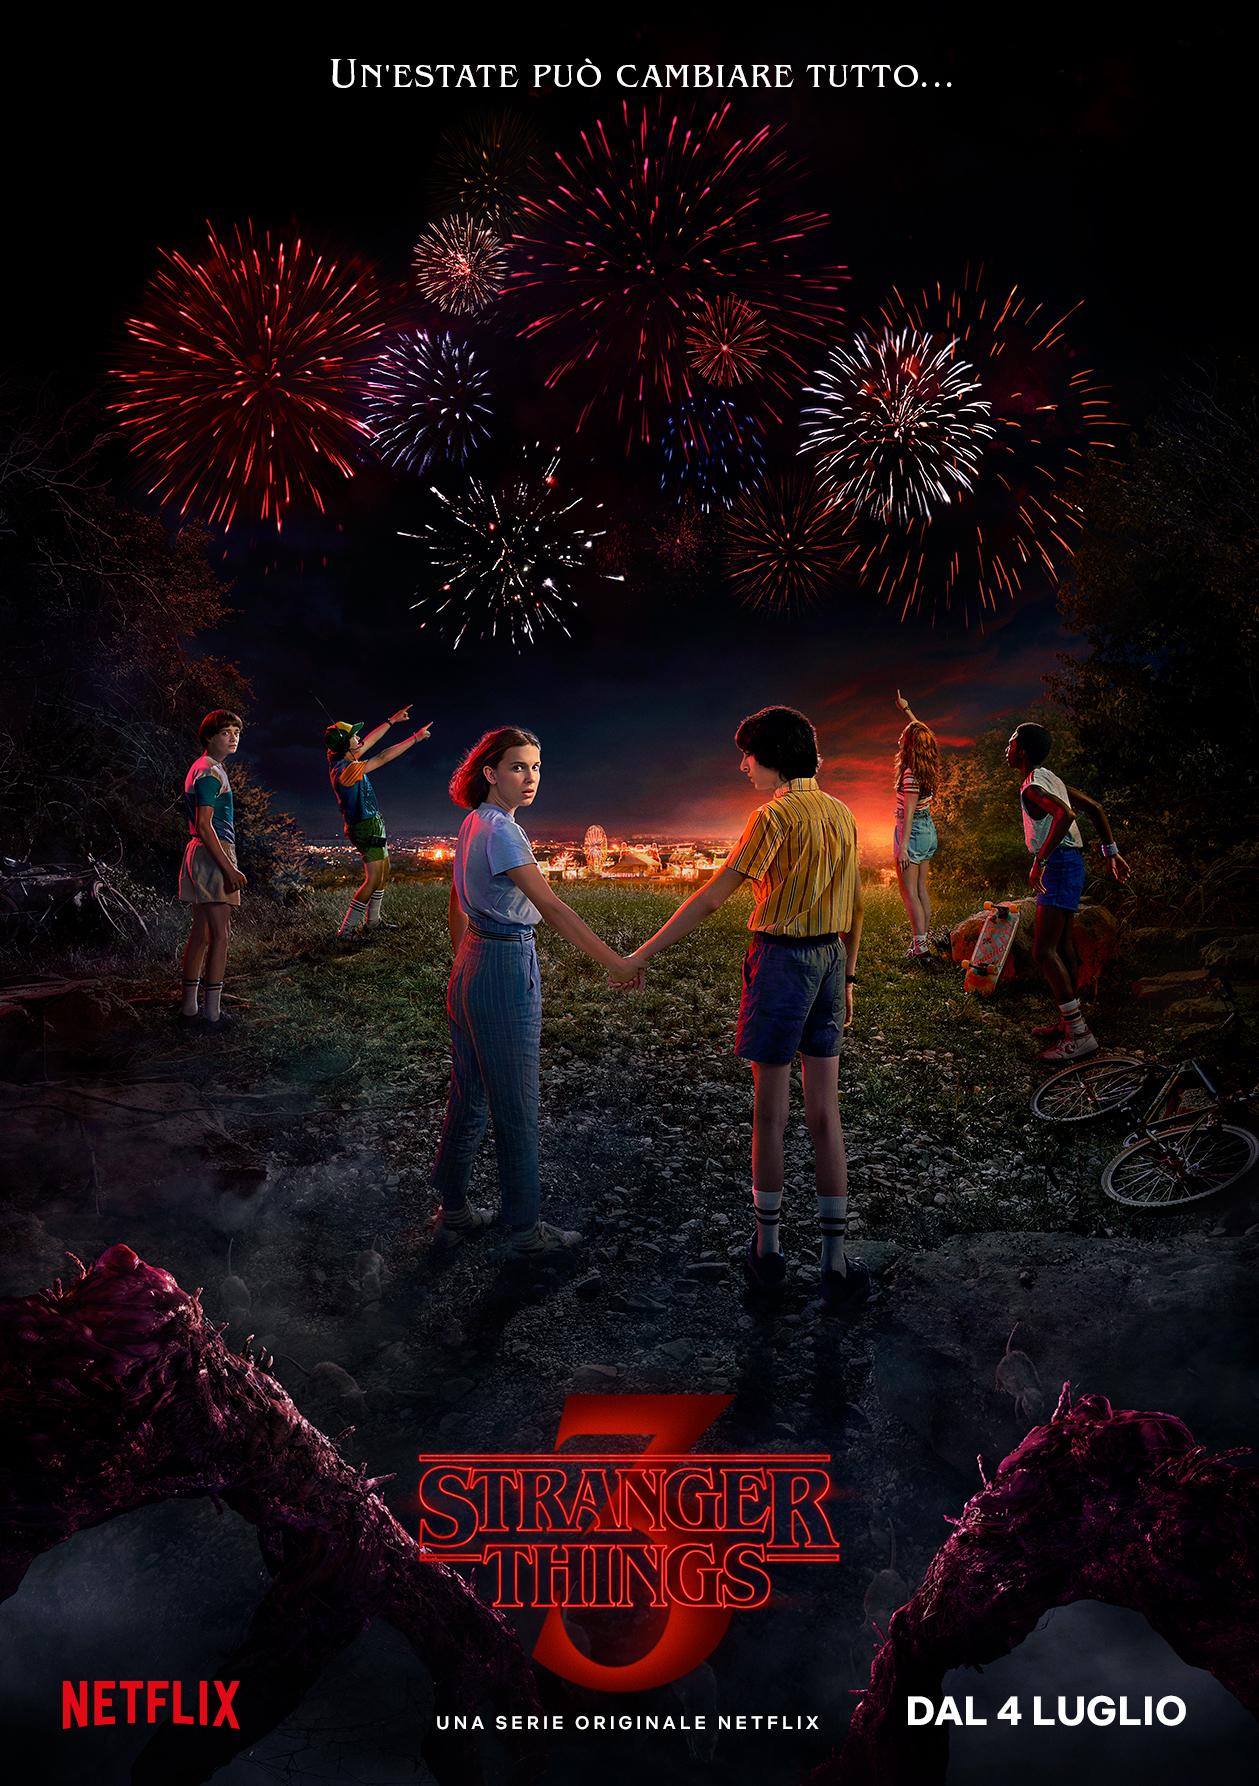 Stranger Things 3: il poster della nuova stagione